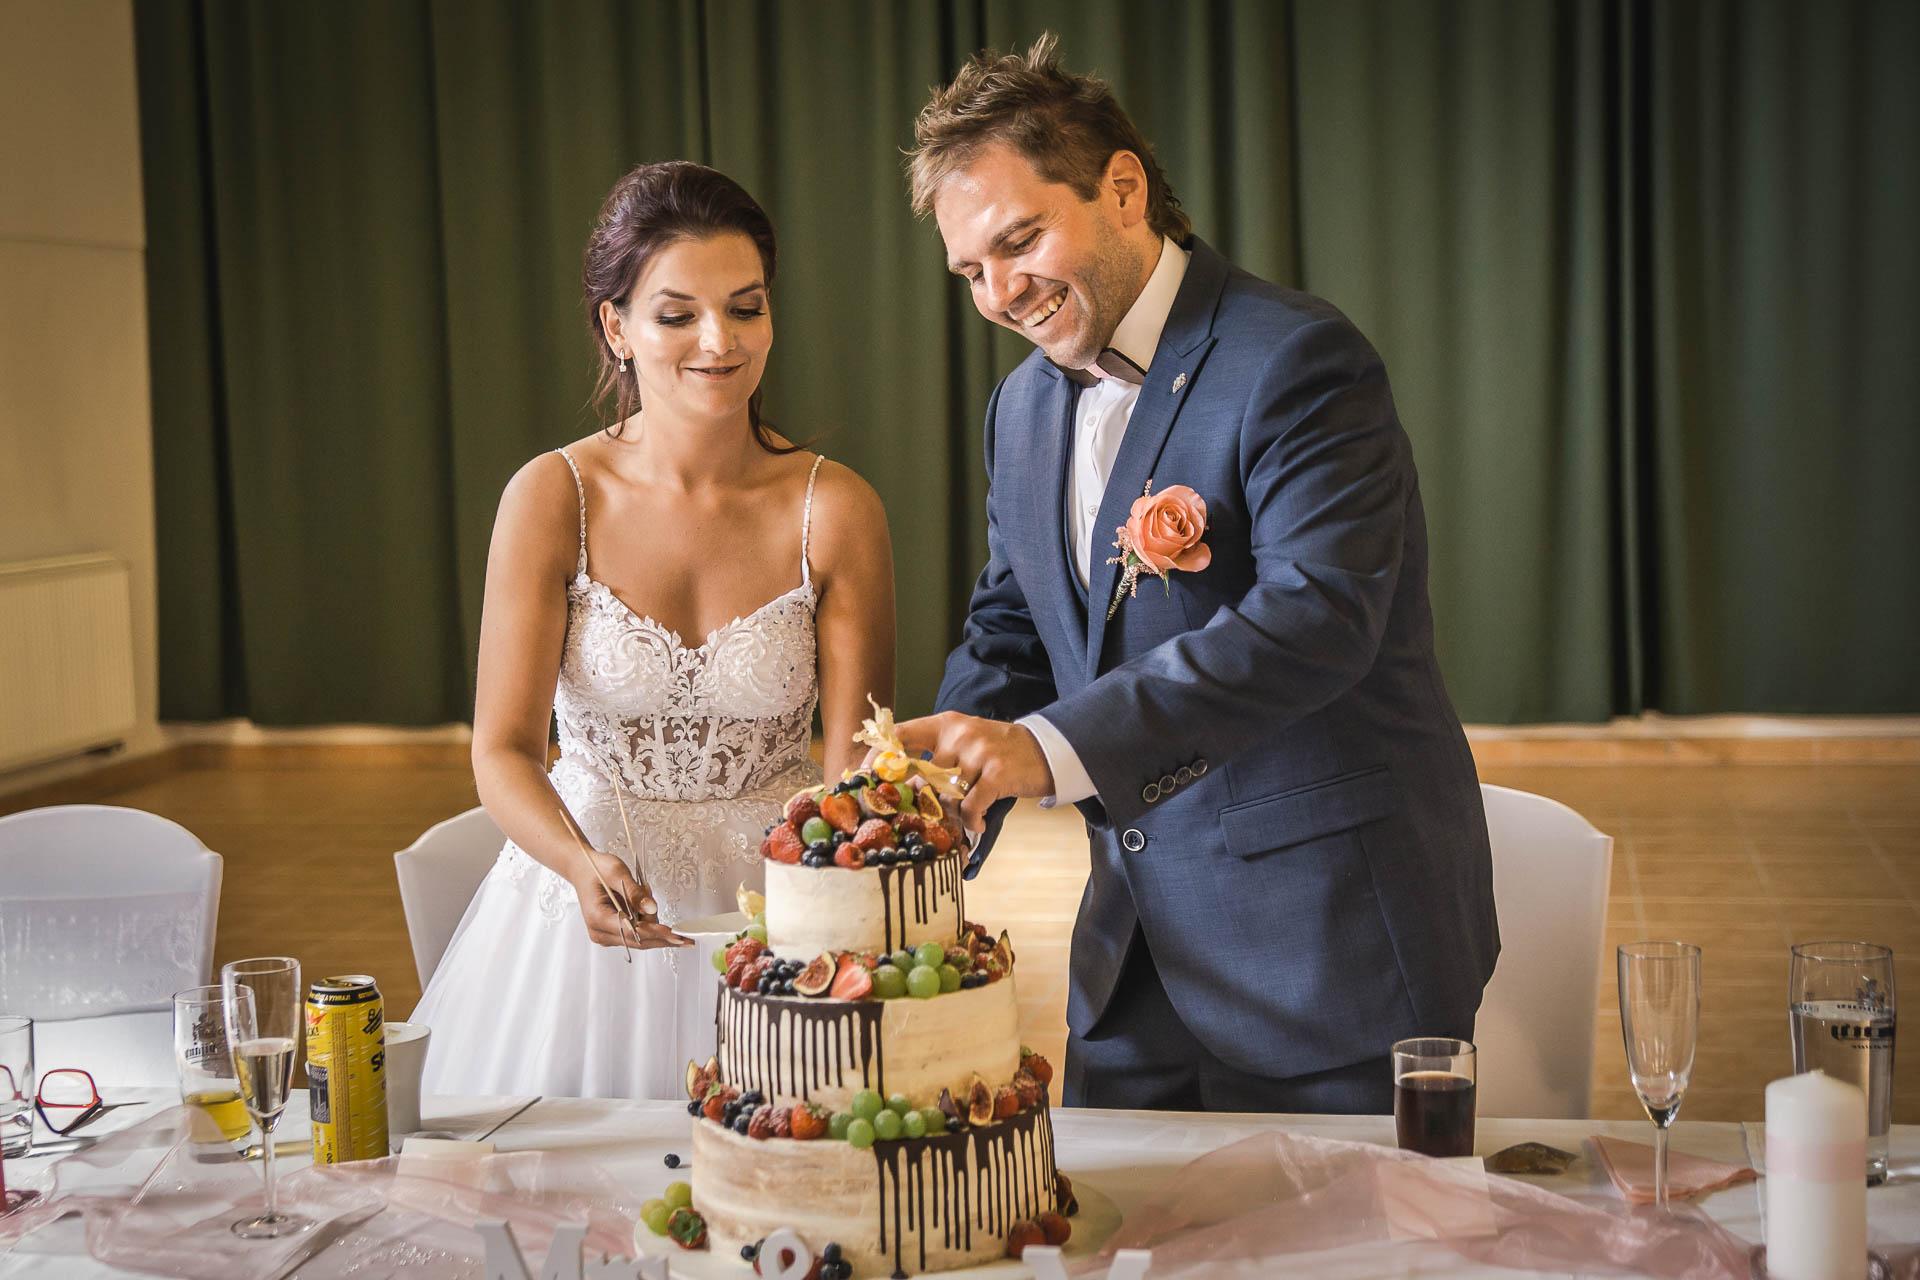 svatební-fotografie-Říp-svatební-video-ŘÍP-svatební-fotograf-ŘÍP-svatba-Mělník-svatba-Neratovice-fotograf-na-savtbu-kameraman-na-svatbu-306